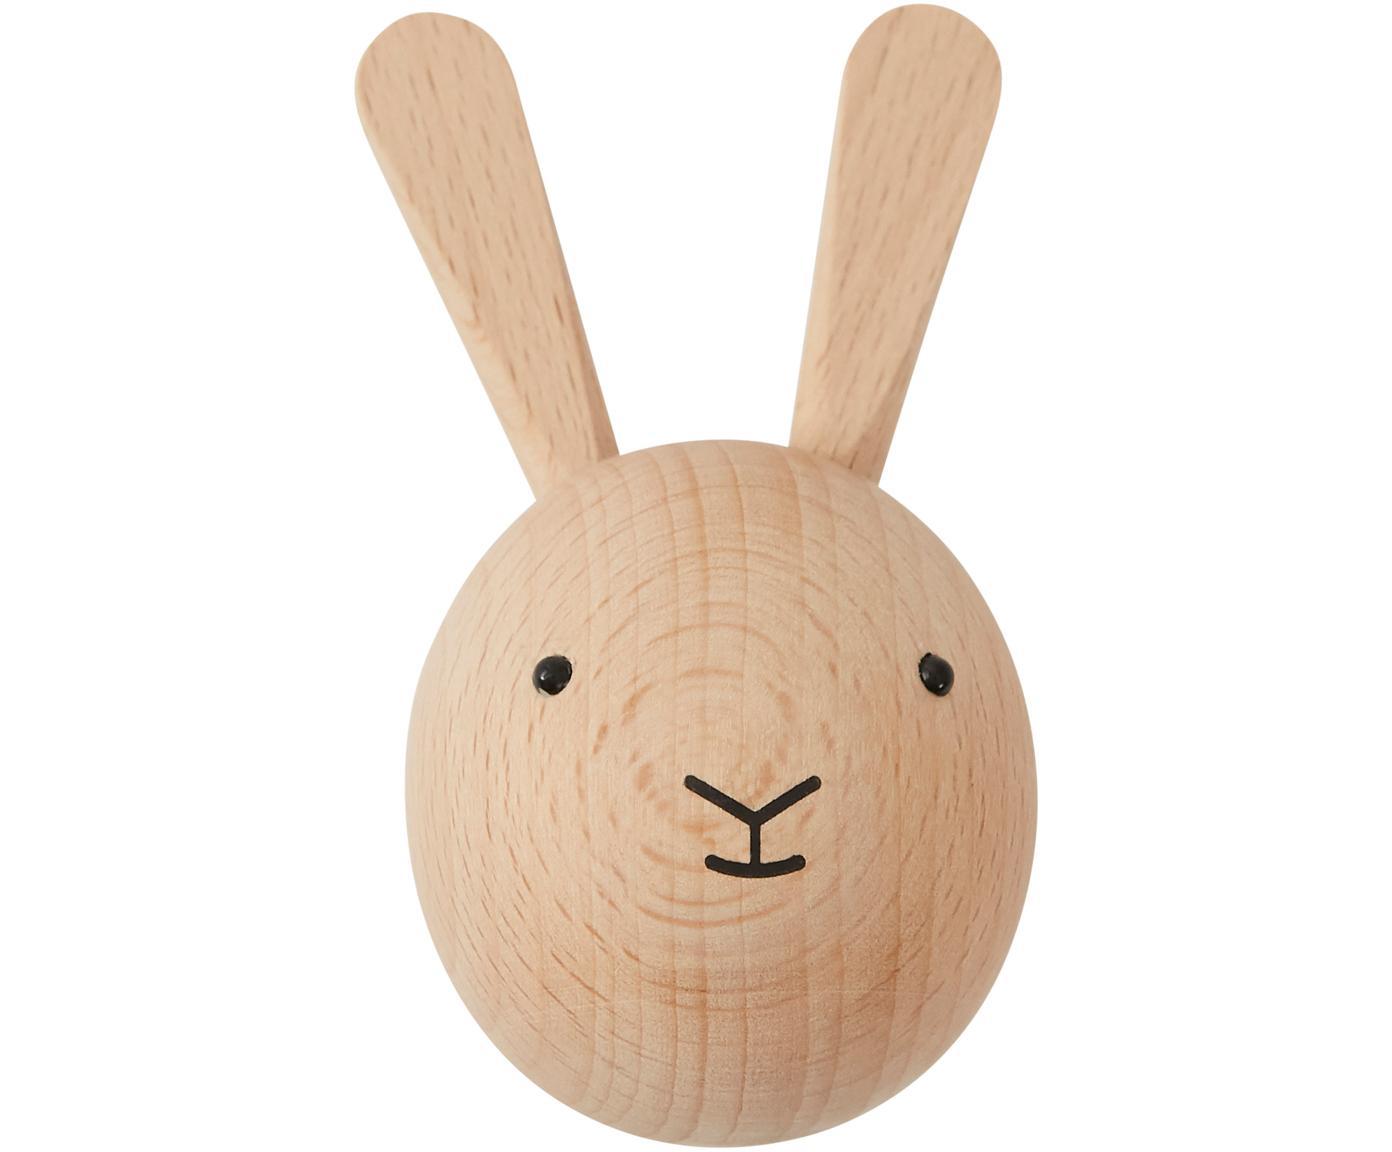 Gancio da parete Rabbit in legno di faggio, Legno di faggio, Legno, nero, Larg. 5 x Alt. 8 cm